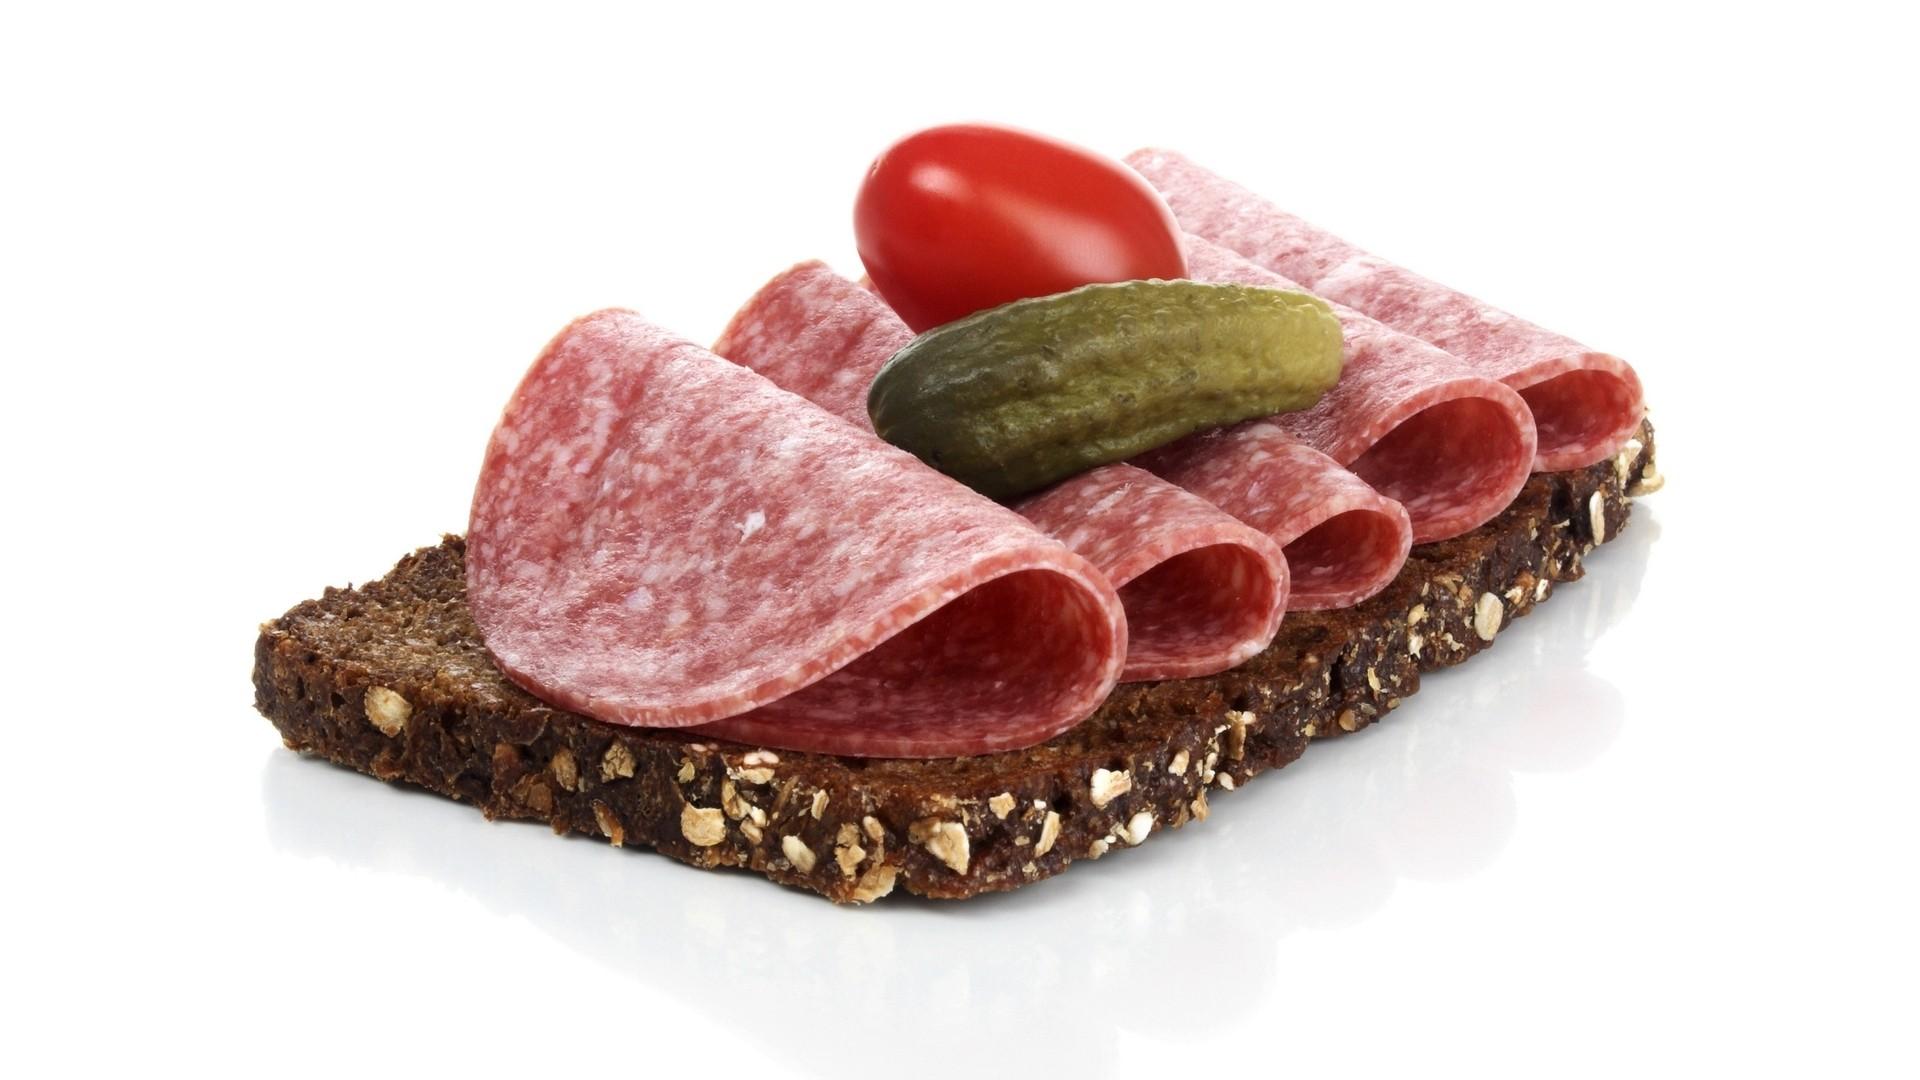 Сколько ккал в бутерброде с колбасой вареной